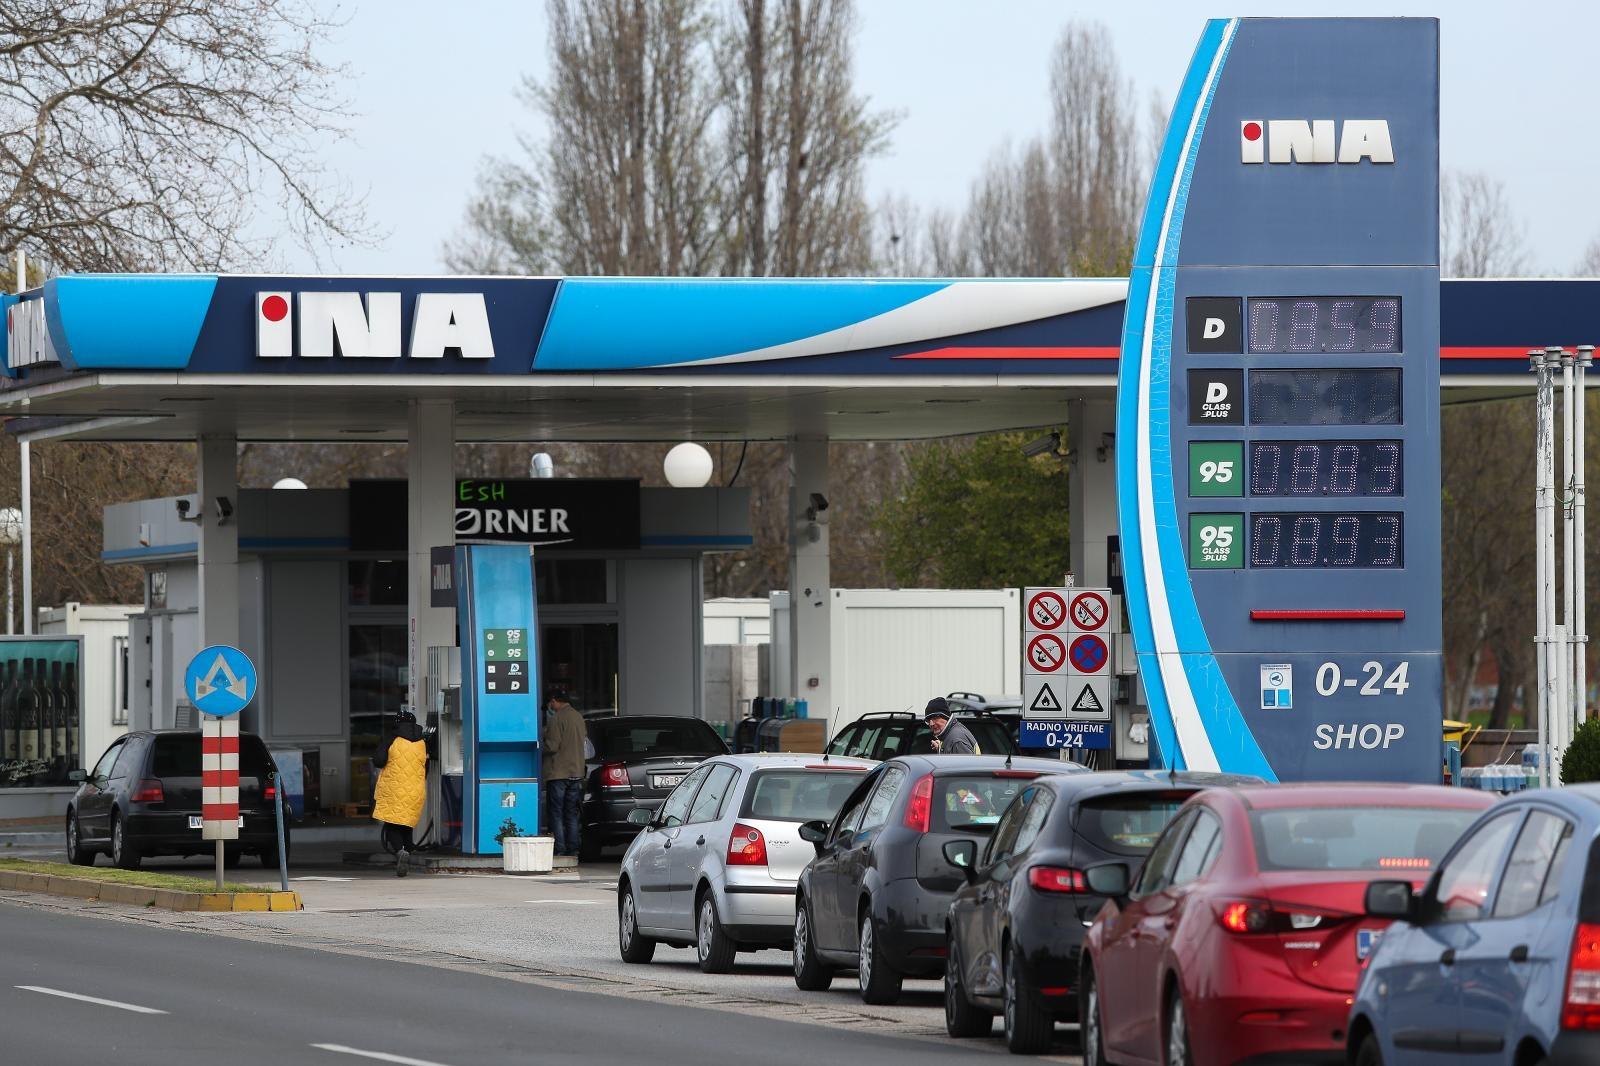 Kupnja ostalih proizvoda na benzinskim postajama samo onima koji natoče gorivo ili plin